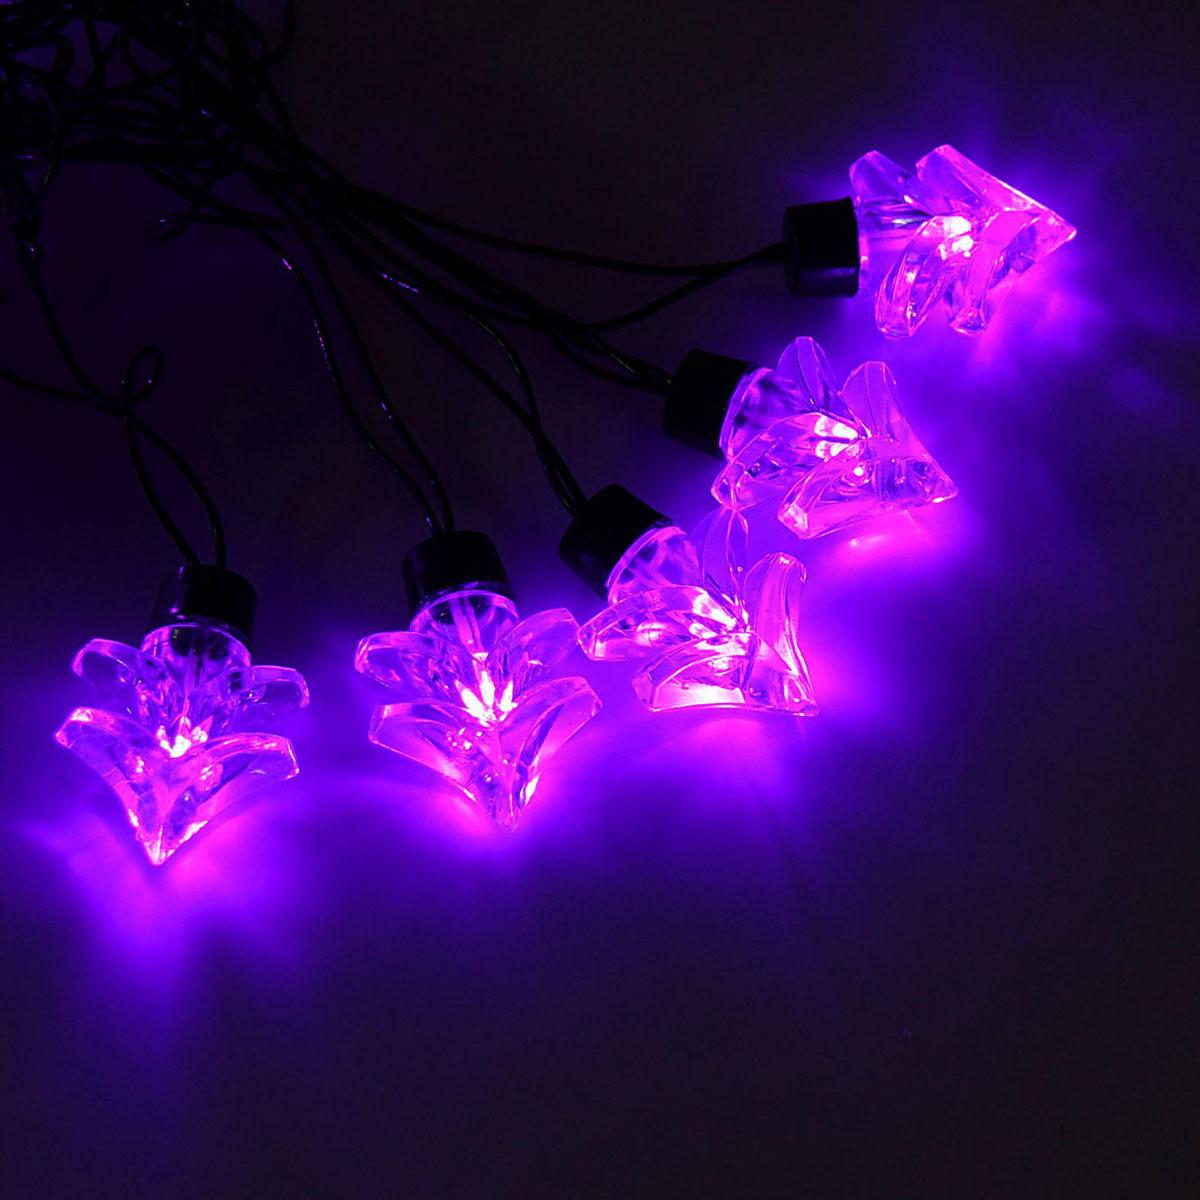 Гирлянда светодиодная Luazon Метраж. Ель большая, уличная с насадкой, 8 режимов, 30 ламп, 220 V, 5 м, цвет: фиолетовый. 10801311080131Светодиодные гирлянды, ленты и т.д. — это отличный вариант для новогоднего оформления интерьера или фасада. С их помощью помещение любого размера можно превратить в праздничный зал, а внешние элементы зданий, украшенные ими, мгновенно станут напоминать очертания сказочного дворца. Такие украшения создают ауру предвкушения чуда. Деревья, фасады, витрины, окна и арки будто специально созданы, чтобы вы украсили их светящимися нитями.